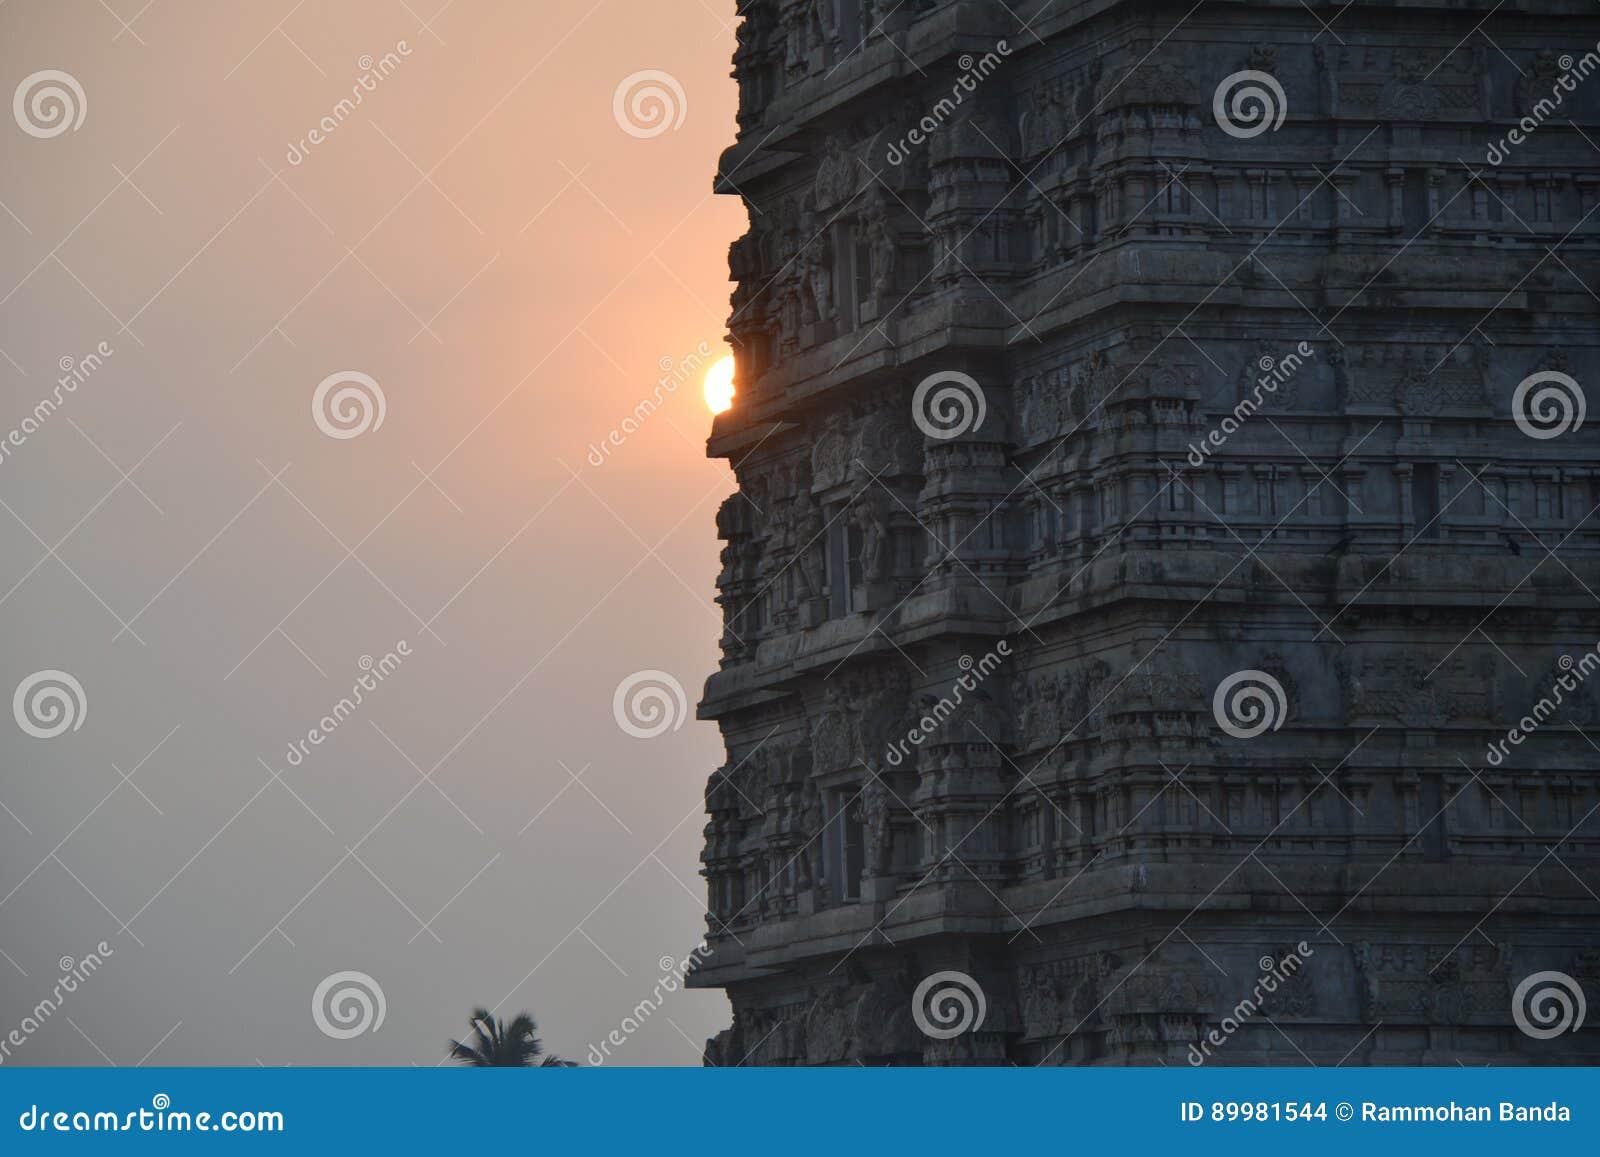 Murudeshwar Shiva Temple and Statue